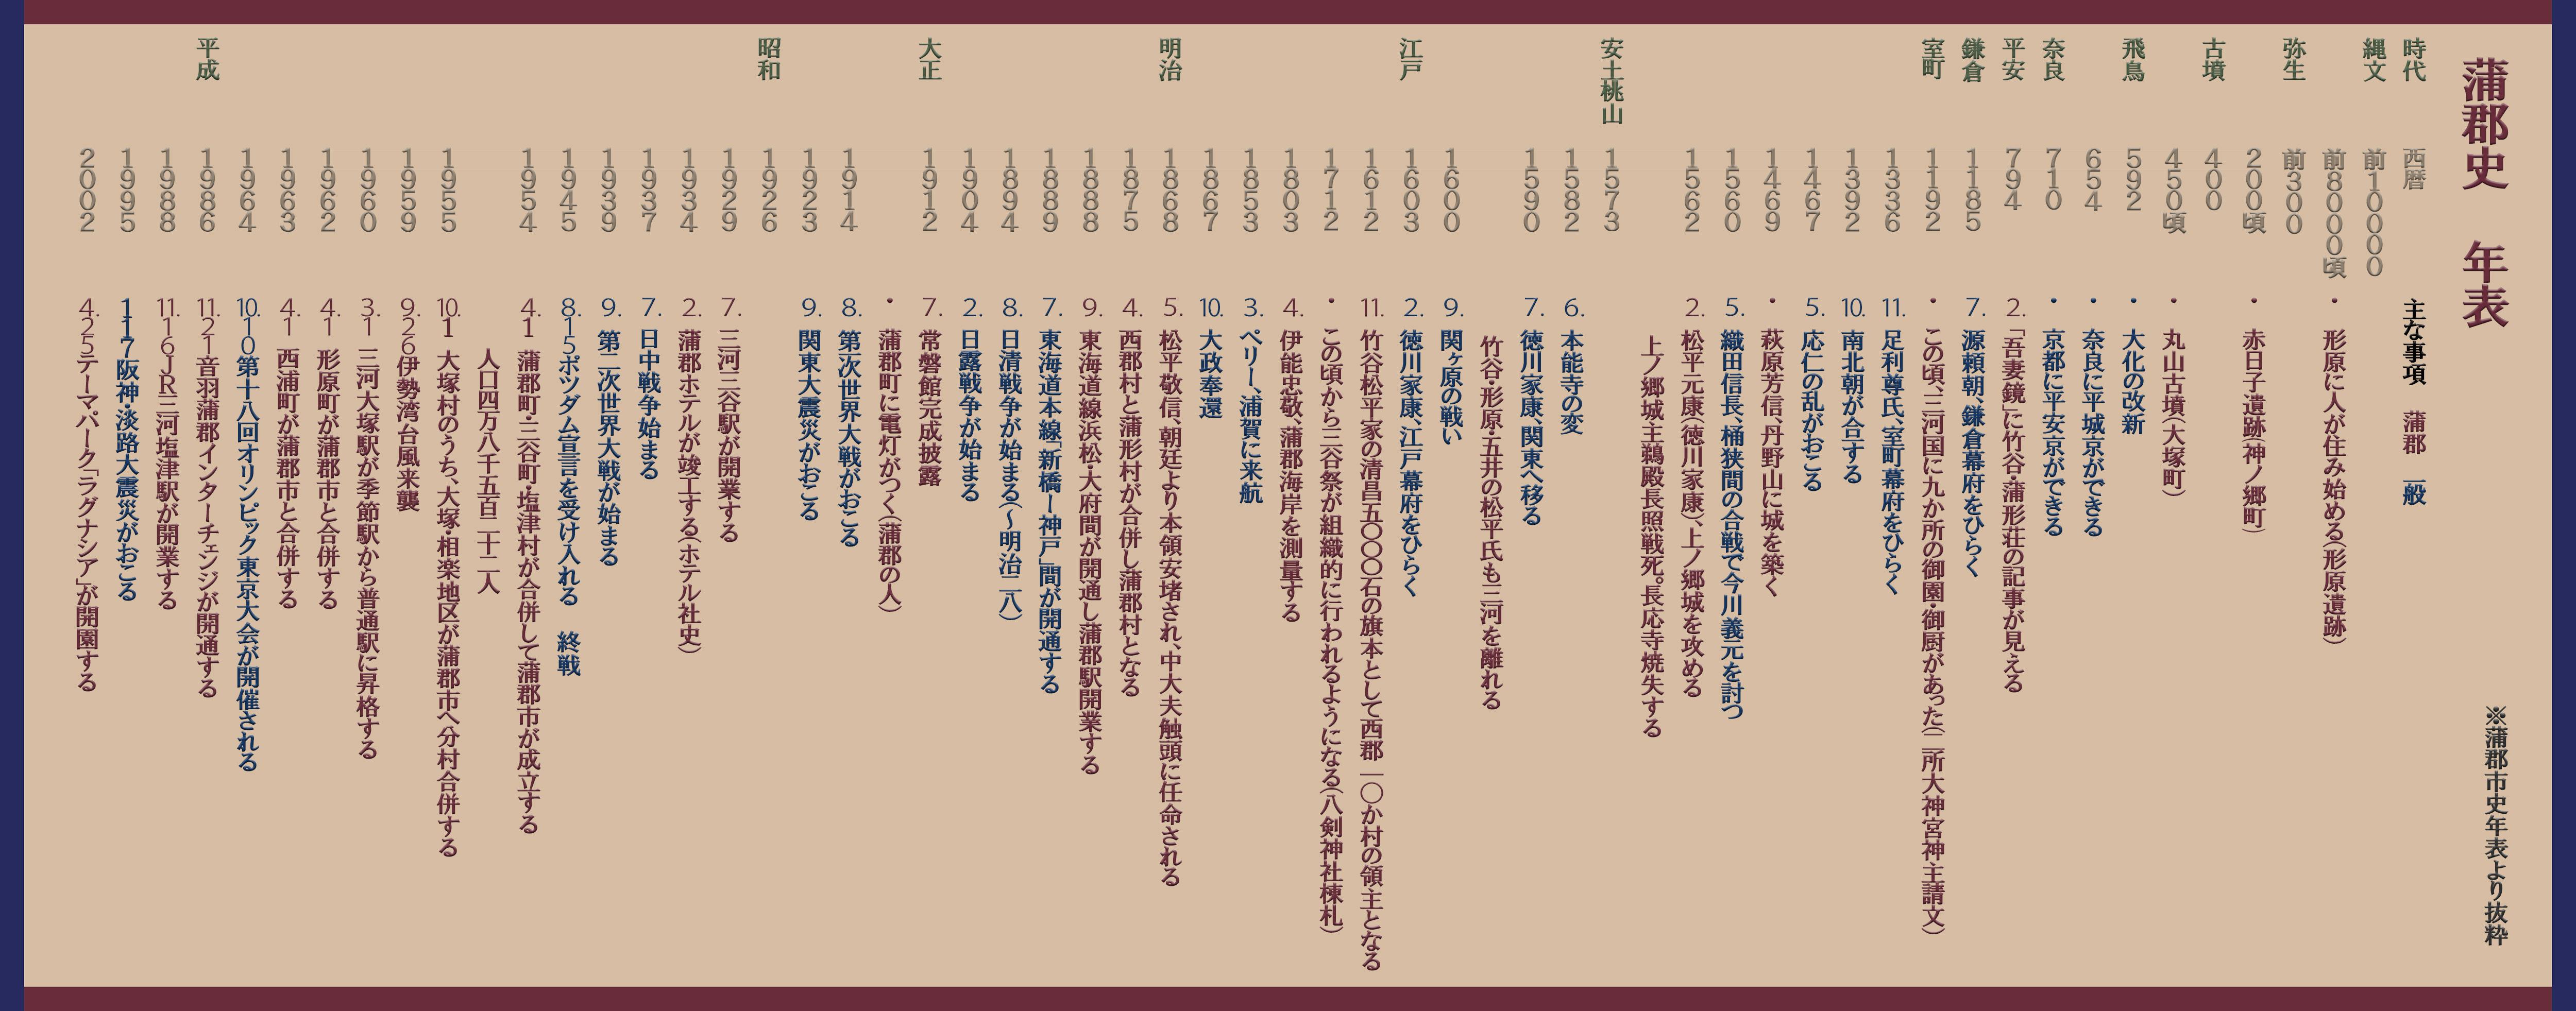 競艇 ライブ 中継 蒲郡